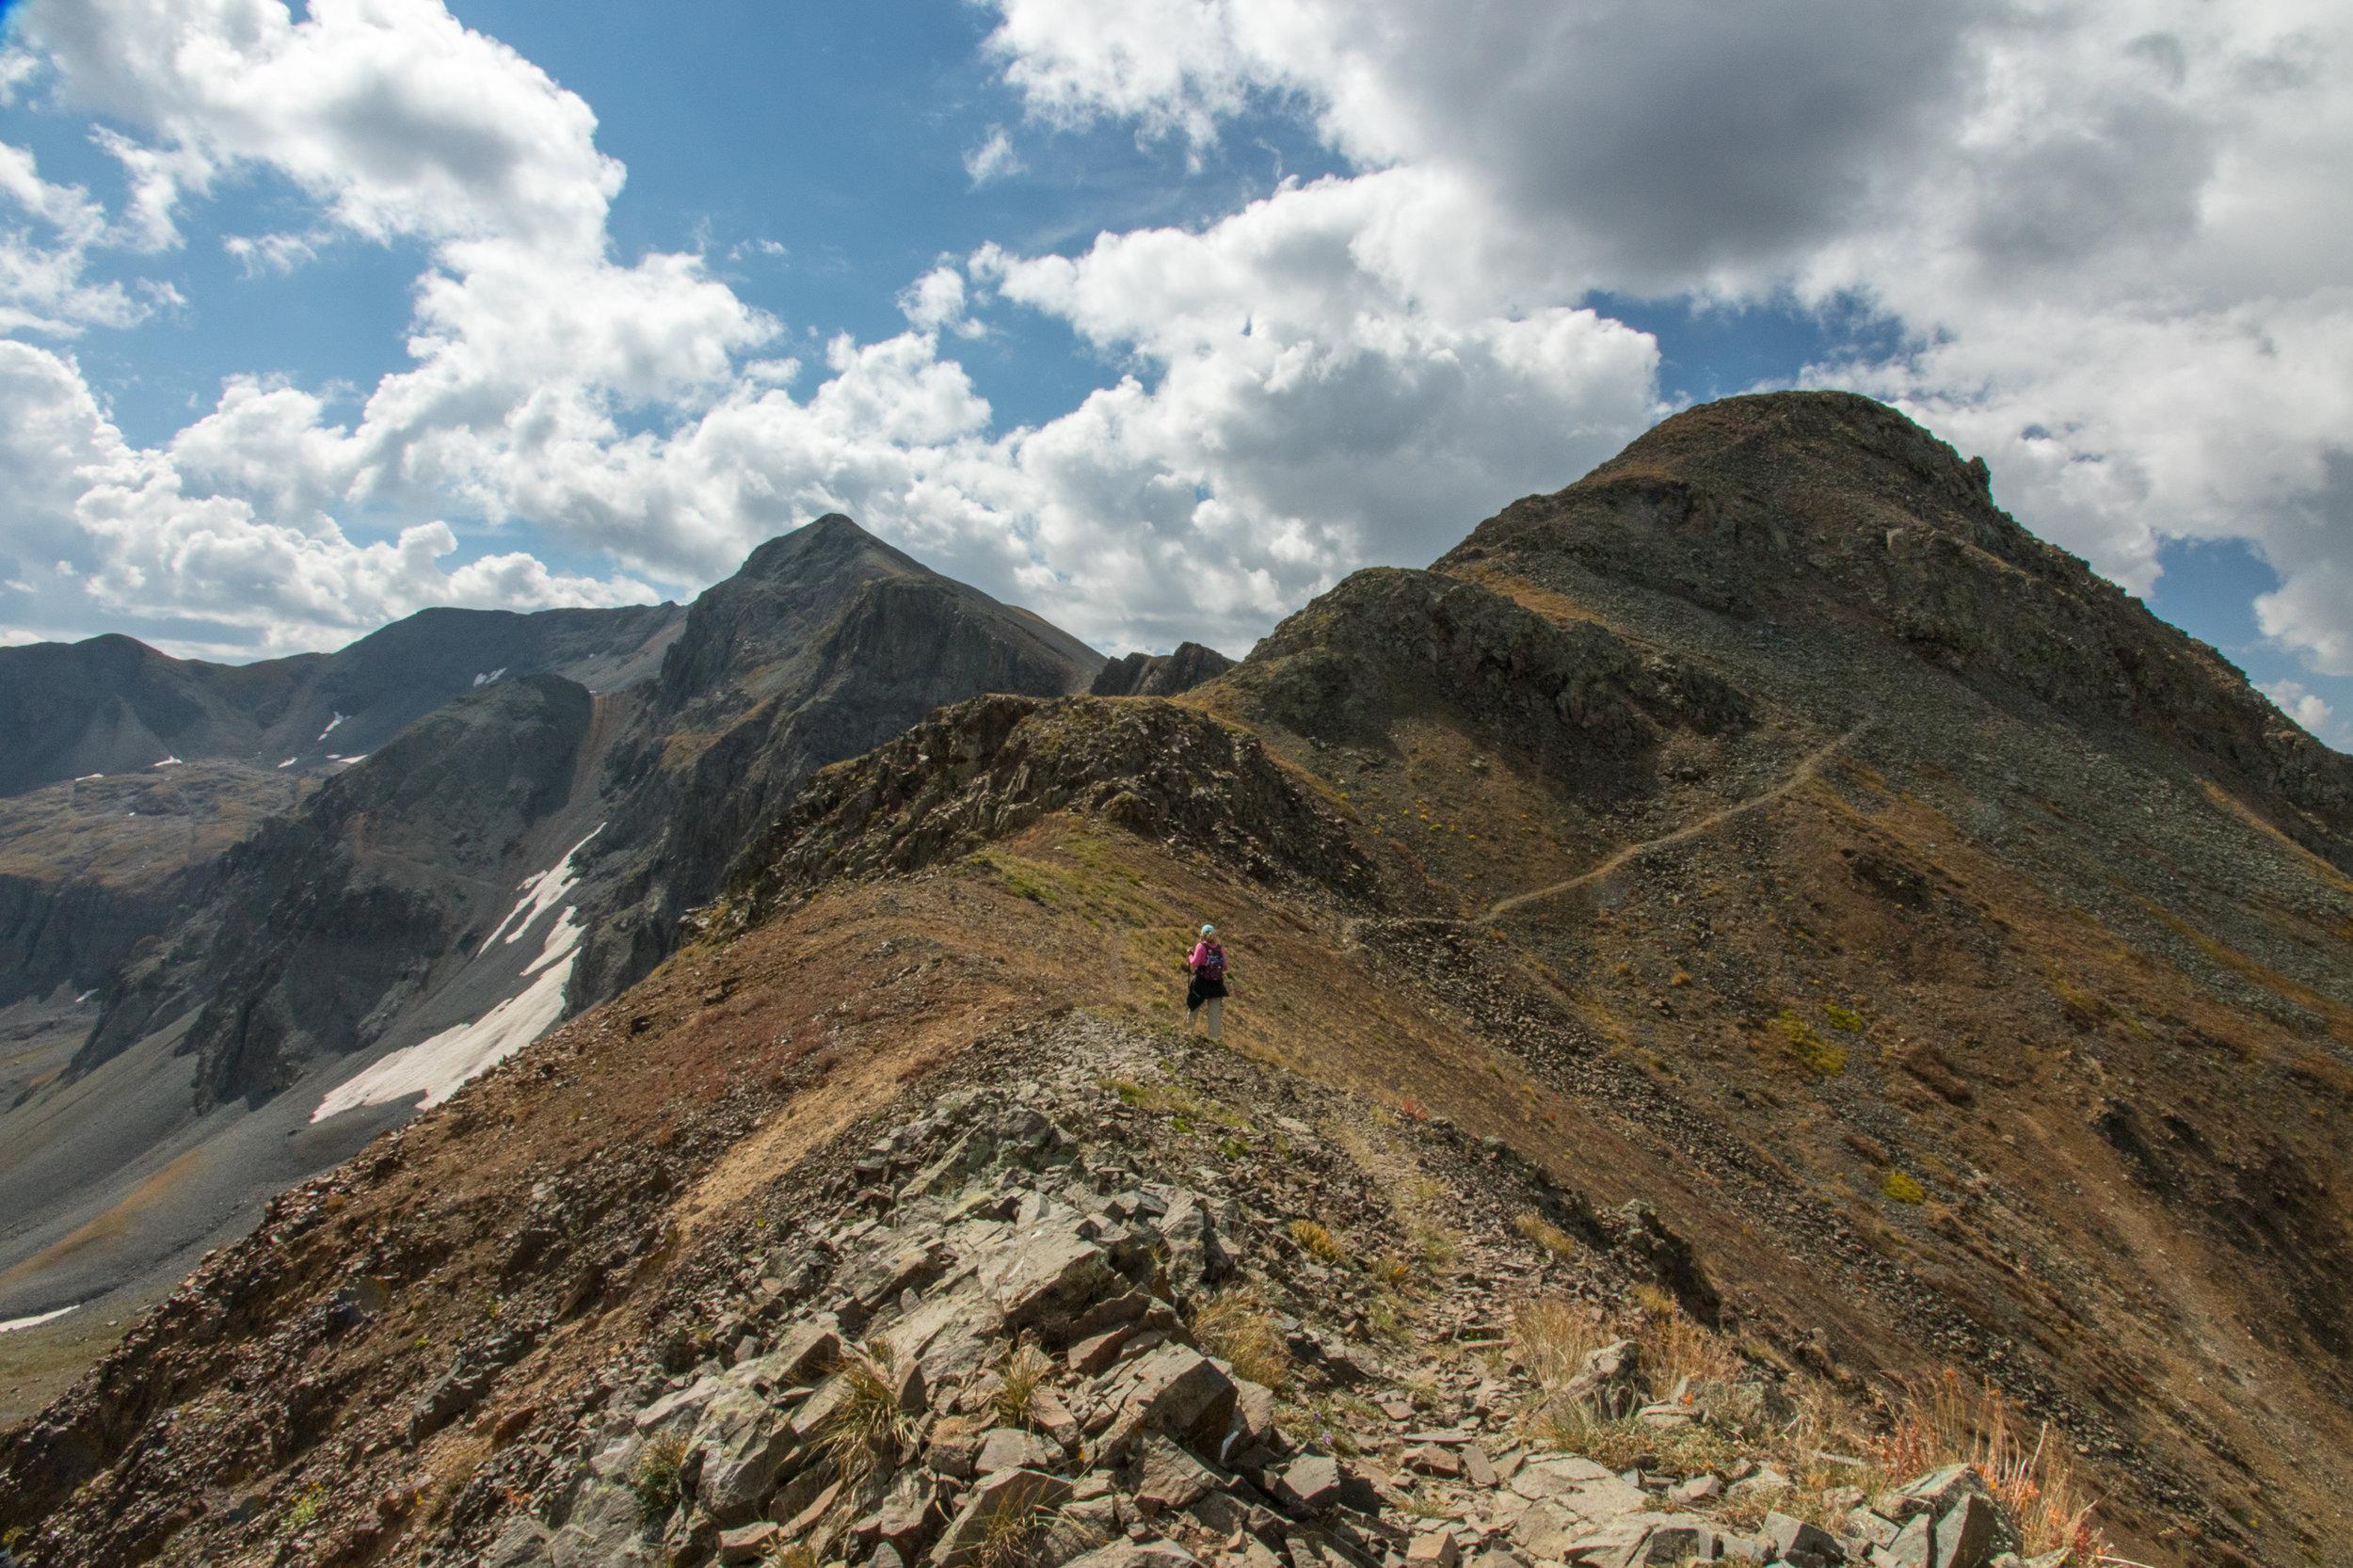 Lisa Vajda hiking across the ridge, Image # 7636